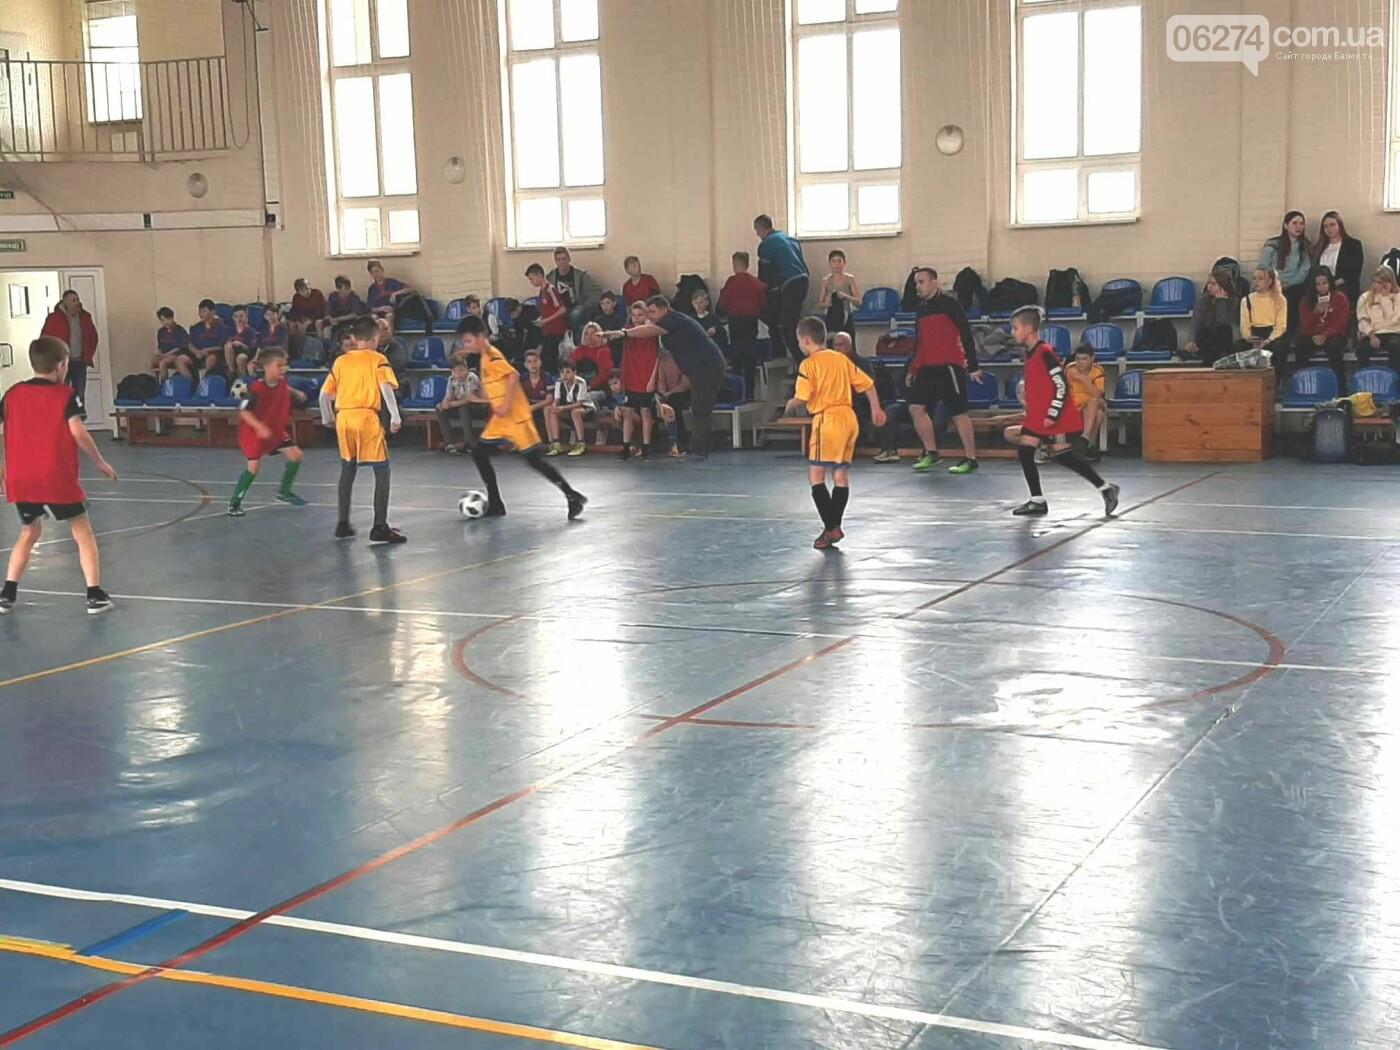 В Бахмуте состоялась «Школьная футзальная лига», фото-3